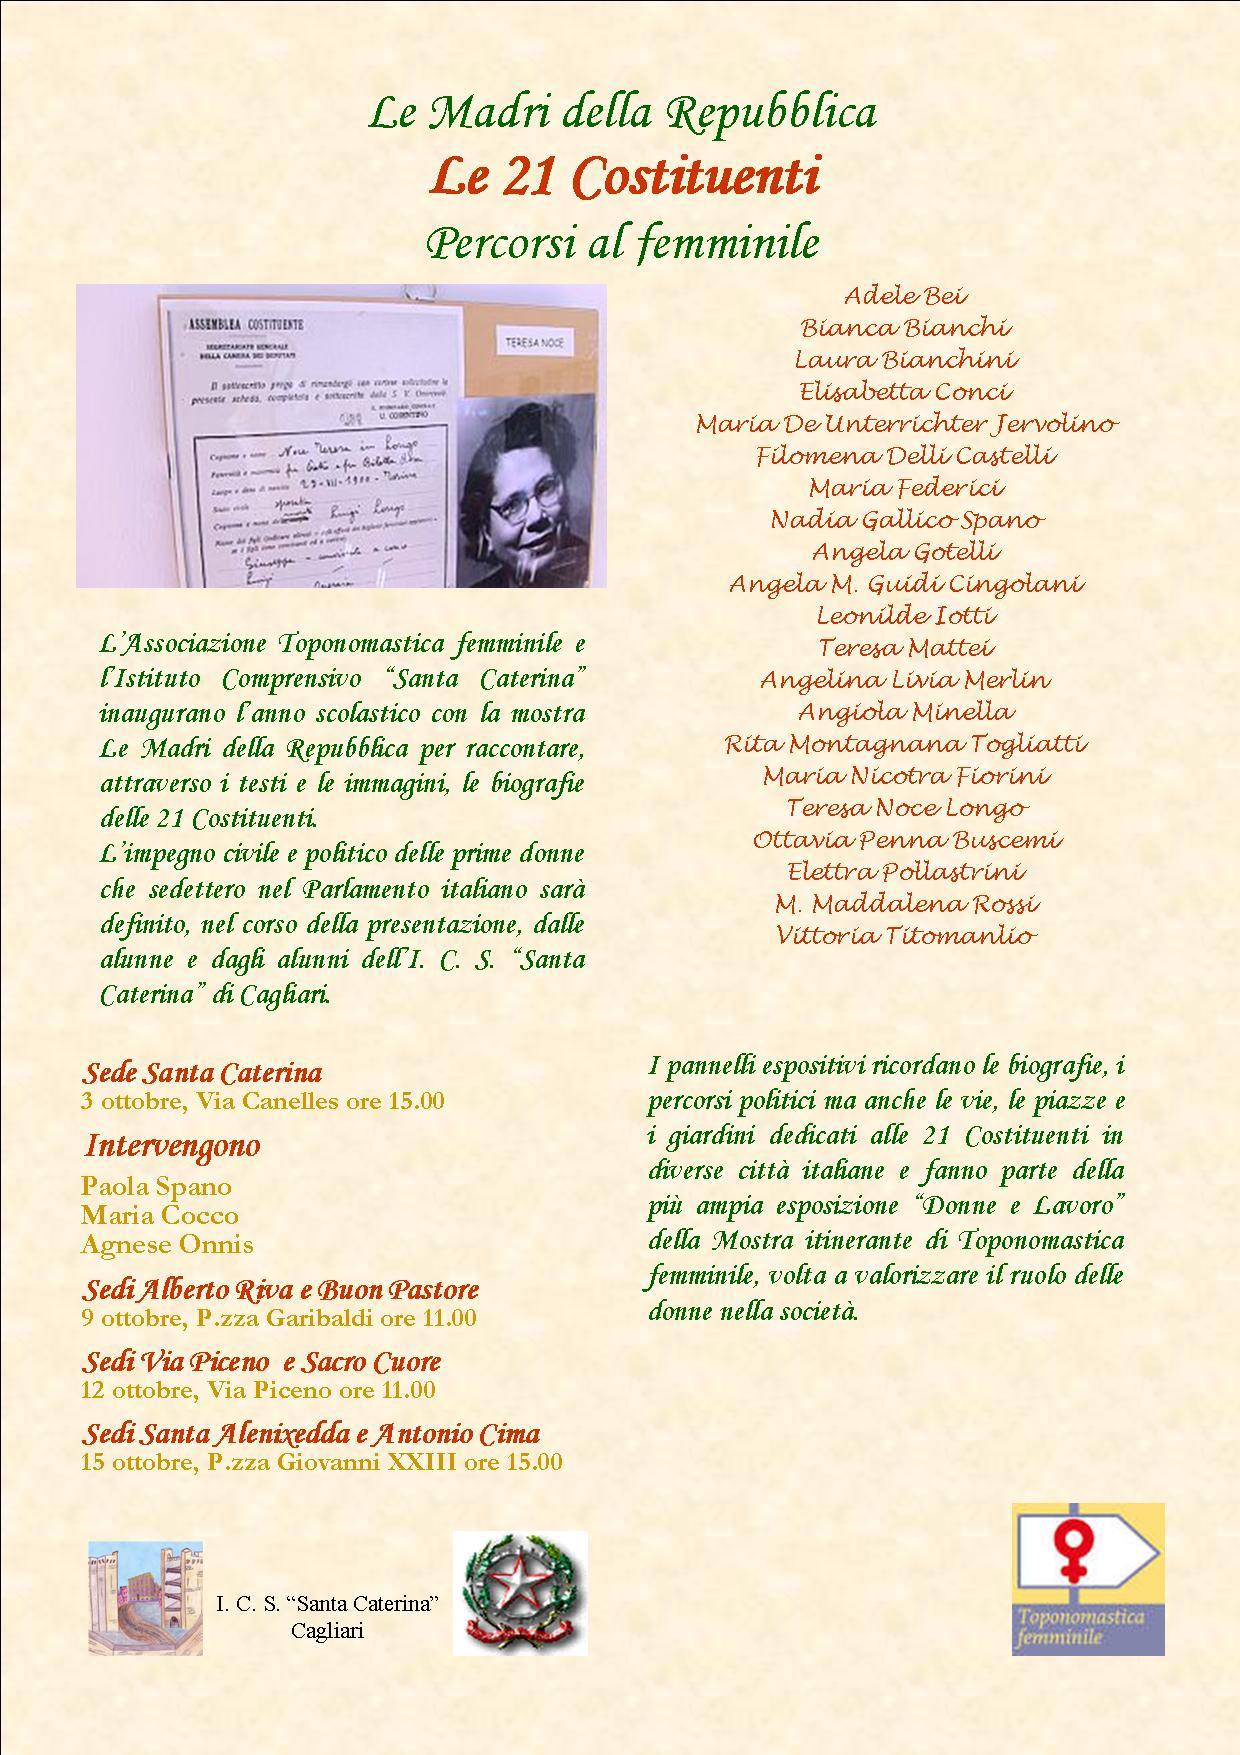 LOCANDINA MADRI In mostra a Cagliari Le Madri della Repubblica. Le 21 Costituenti